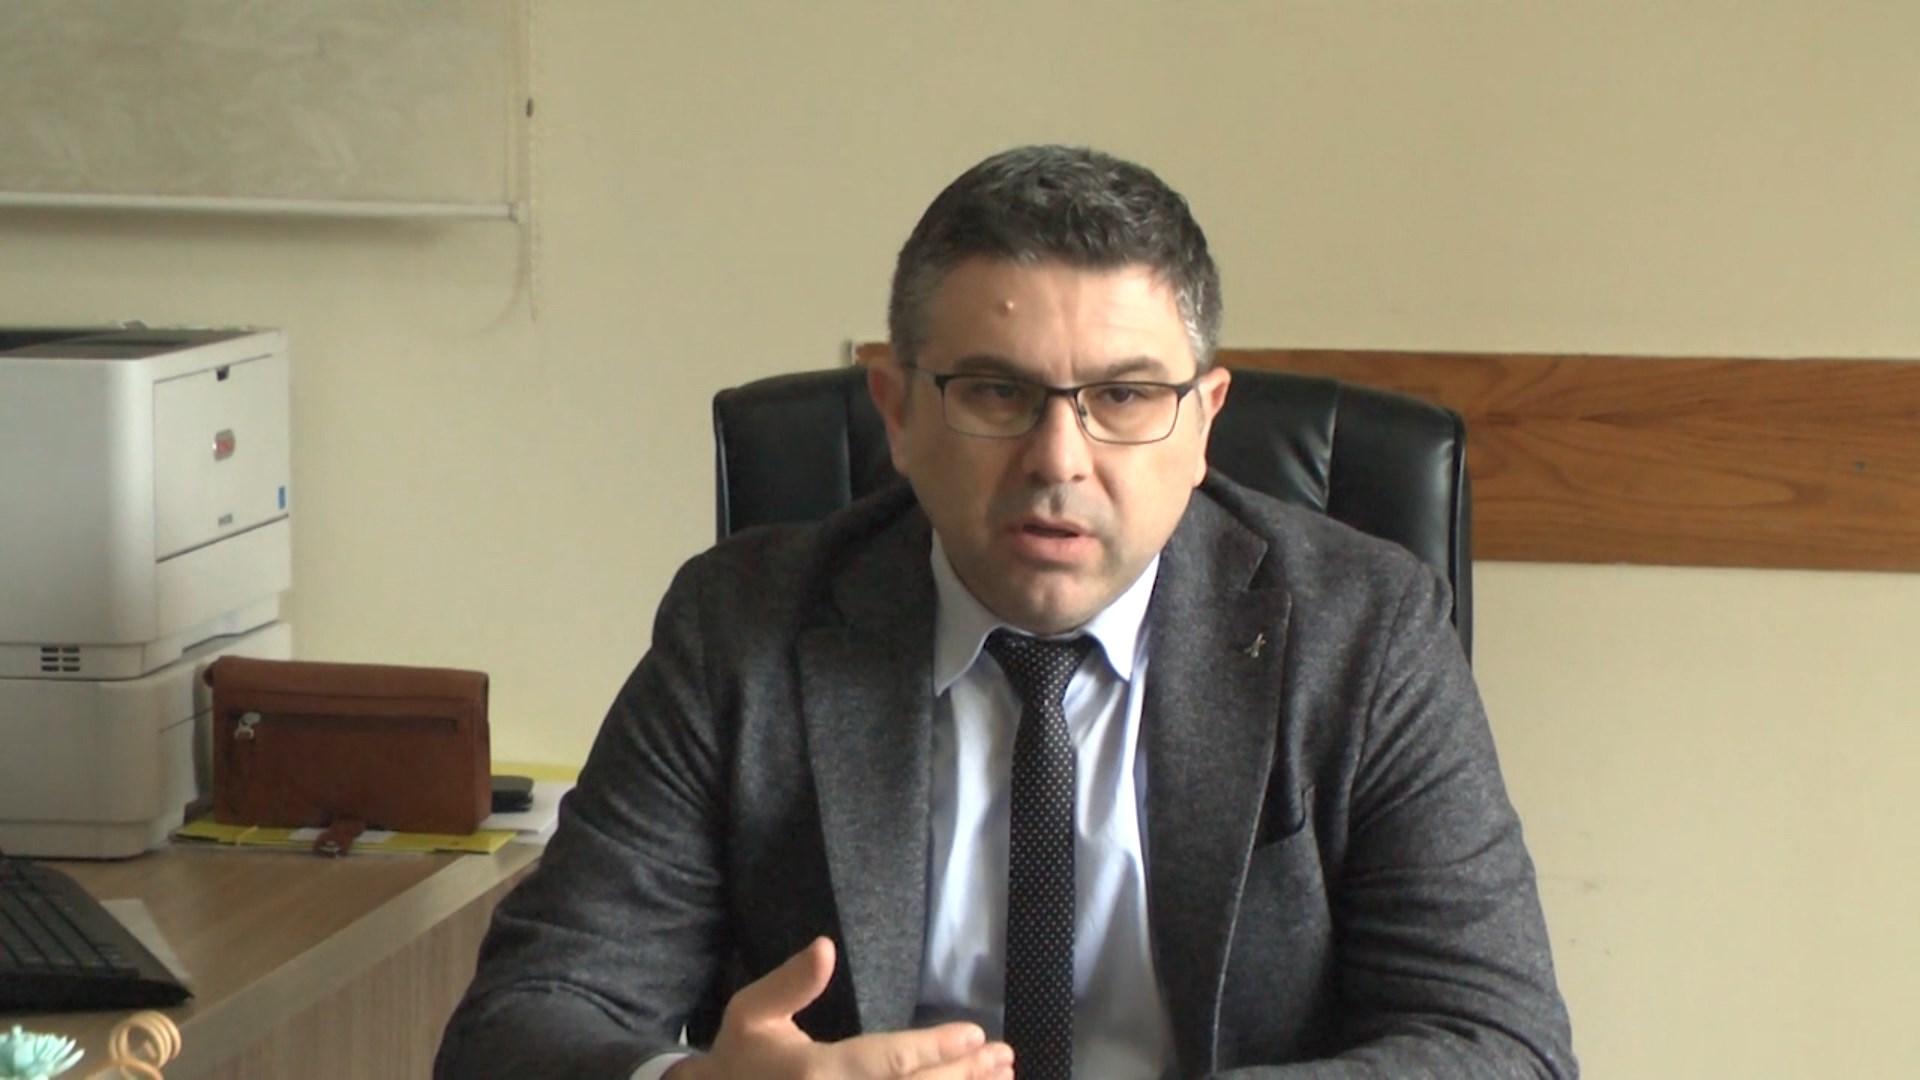 Legalizimet në Durrës, tre mijë dosje përfunduan brenda një viti